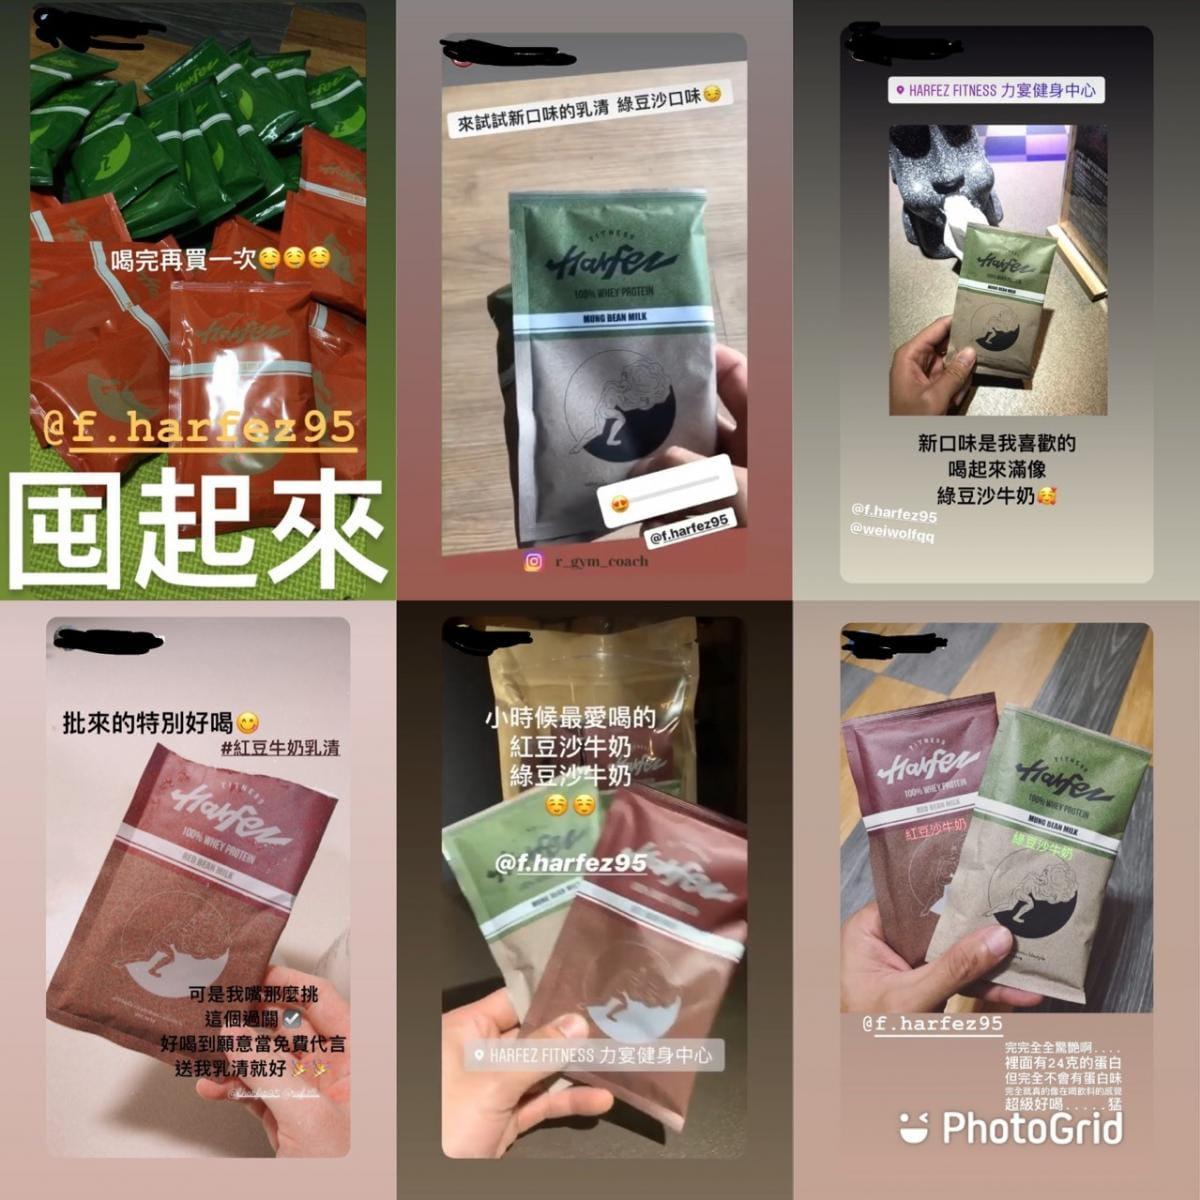 【力宴健身】原創乳清蛋白 - 木瓜牛奶風味 5